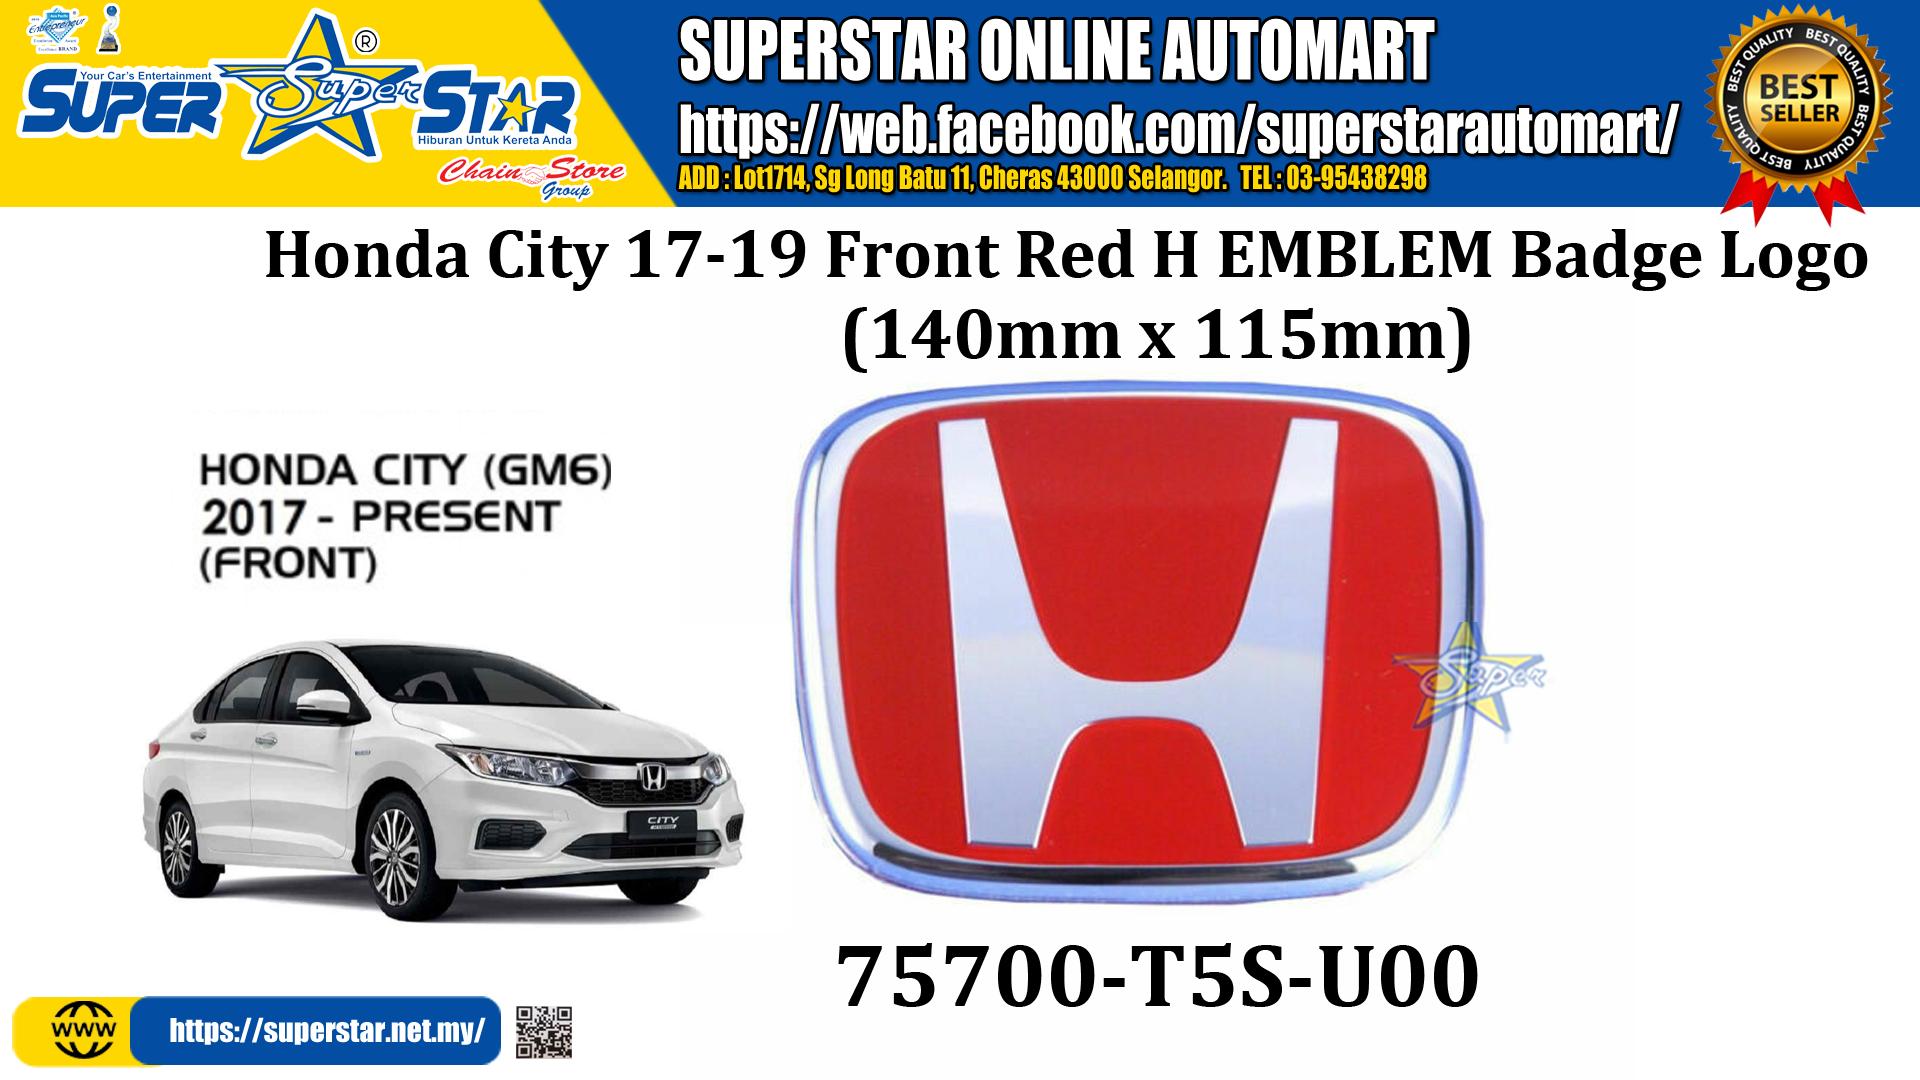 Honda City 17-19 Front Red H EMBLEM Badge Logo 75700-T5S-U00 (140mm x 115mm)